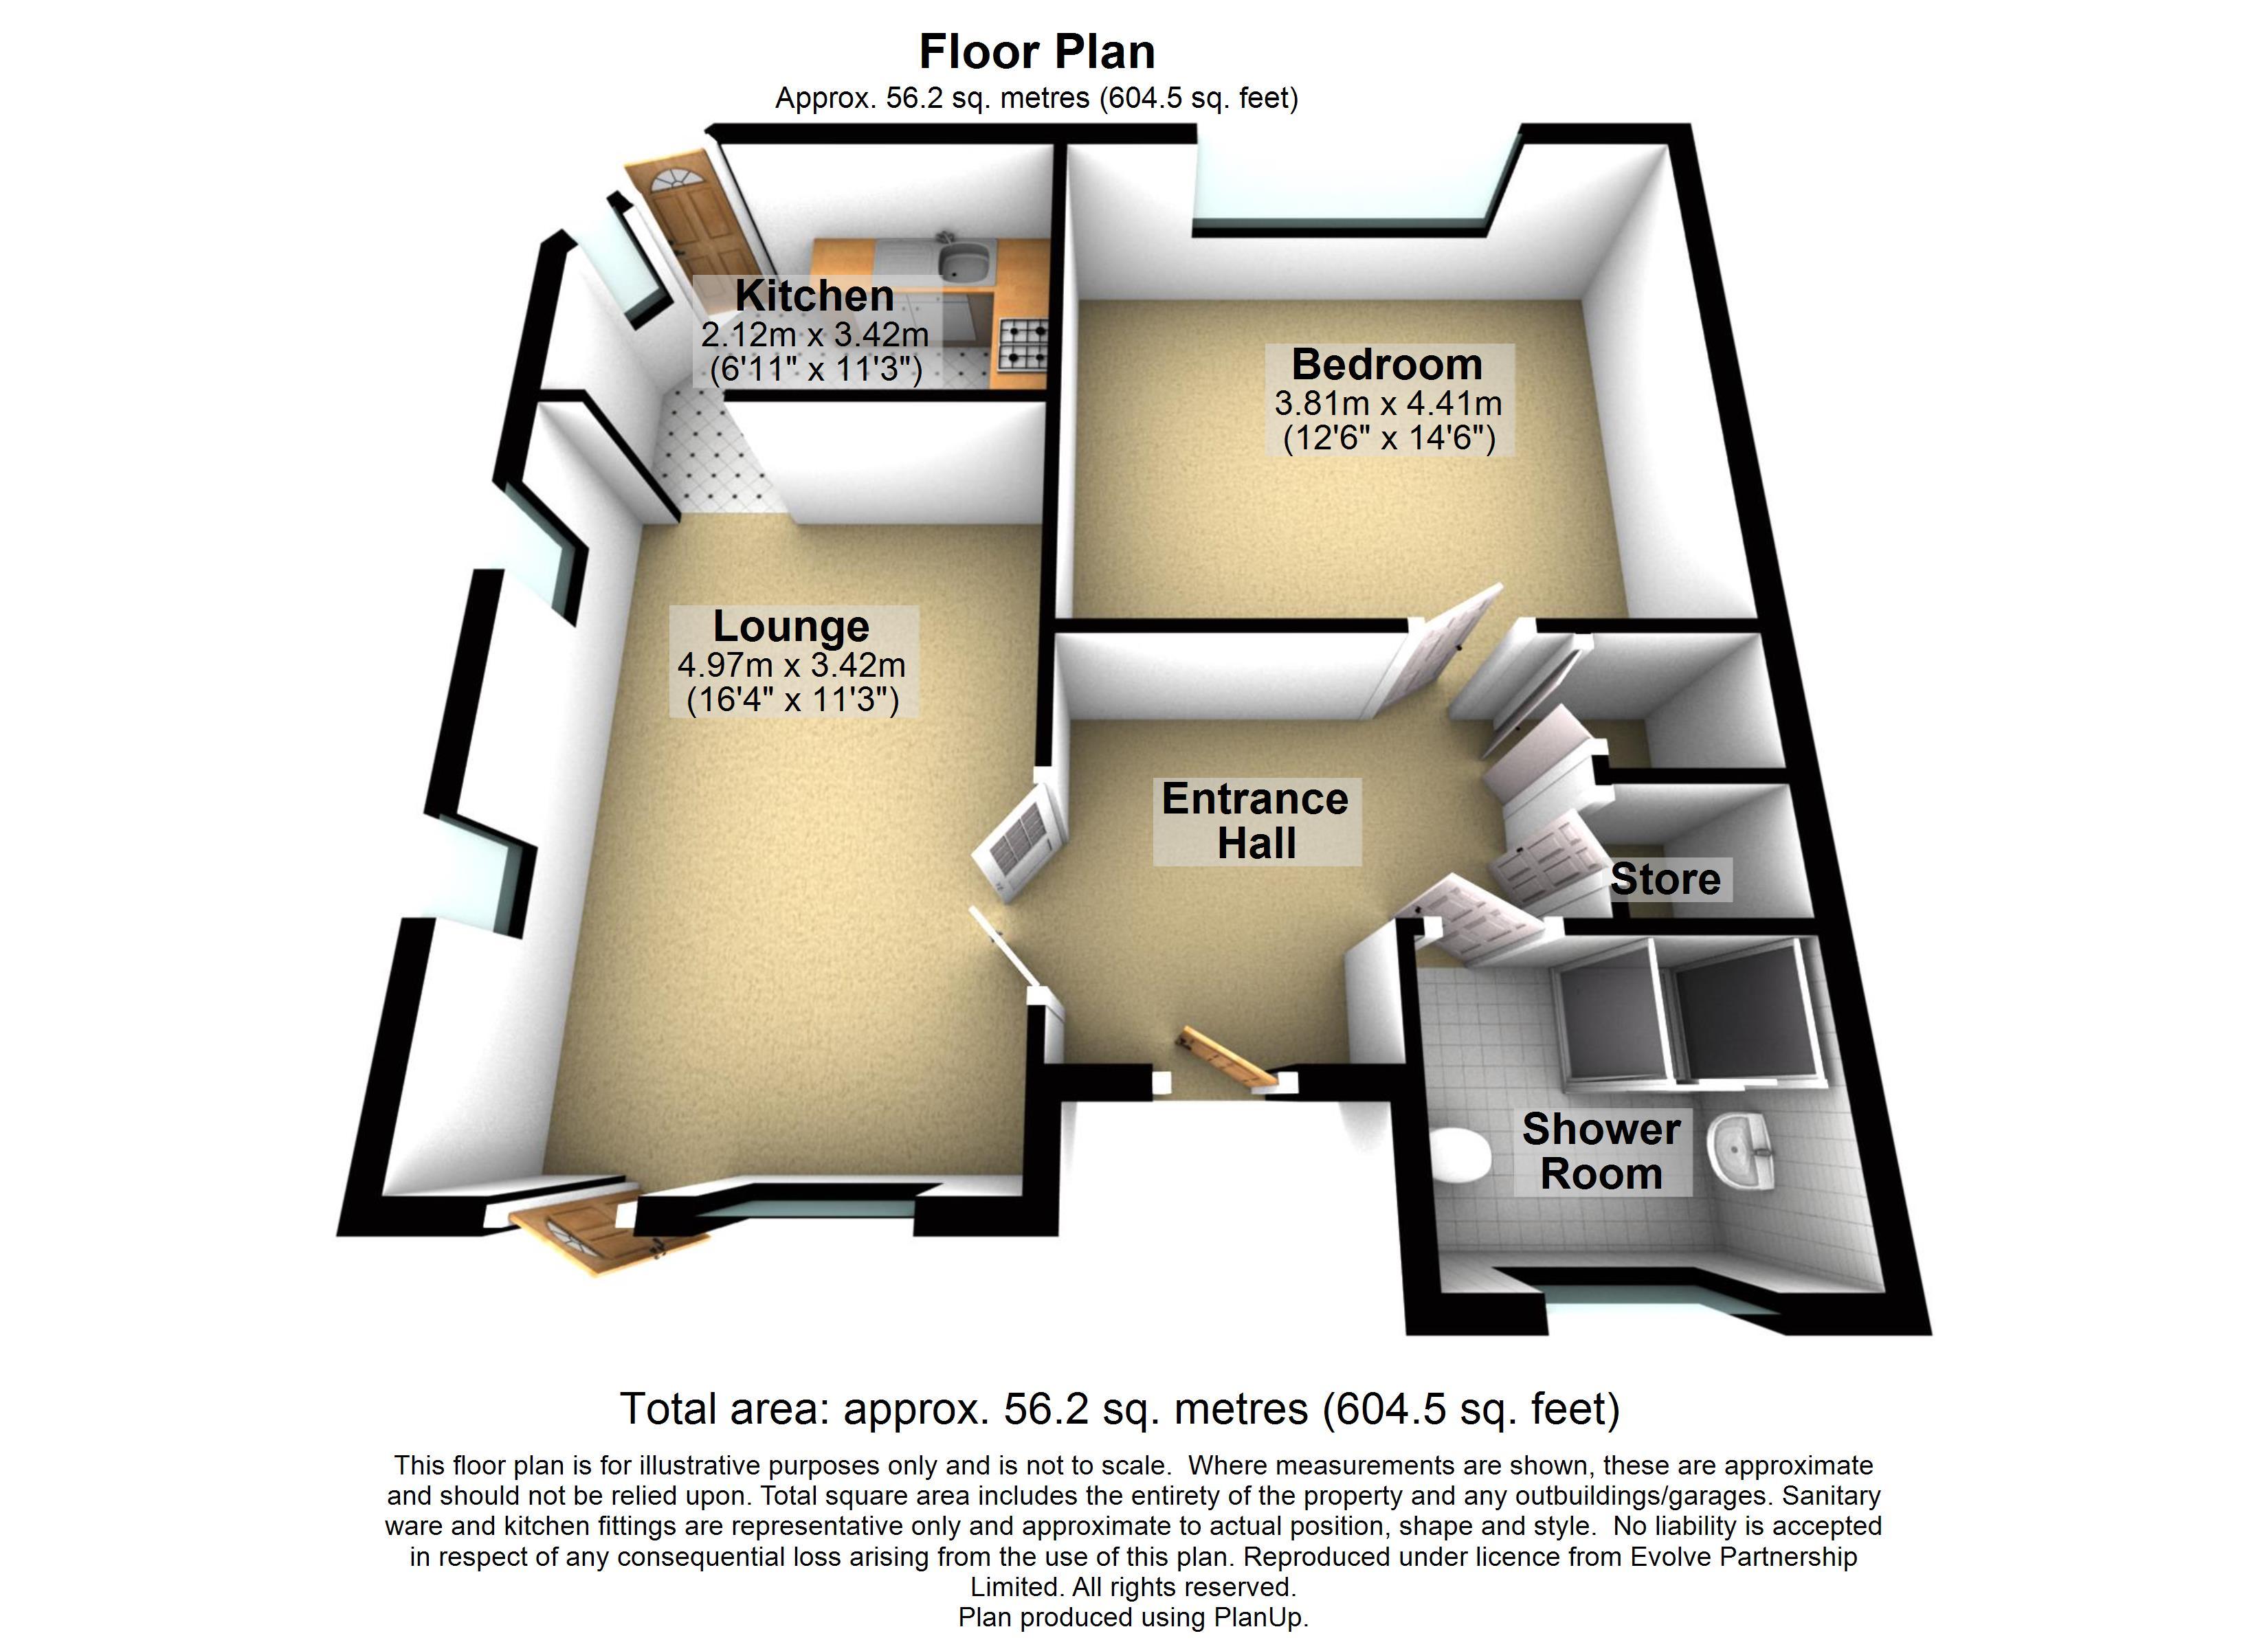 32 The Paddocks Floorplan